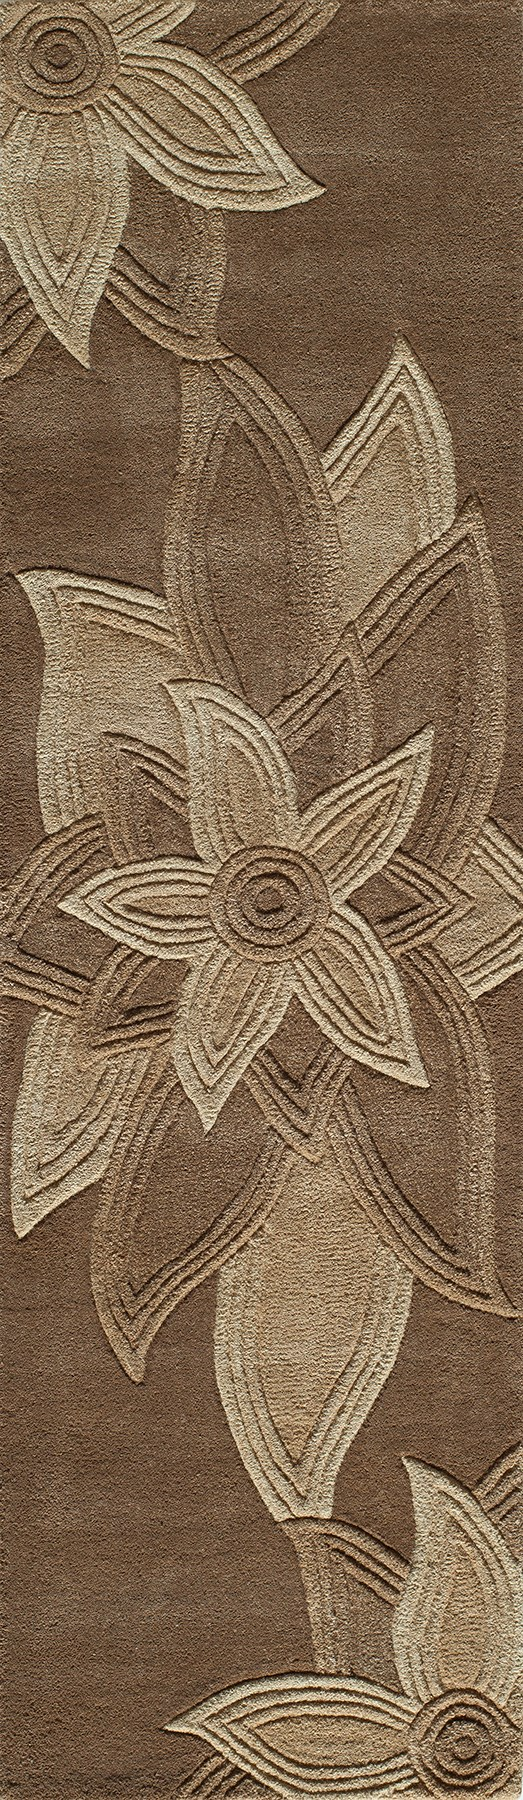 Mocha Floral / Botanical Area Rug